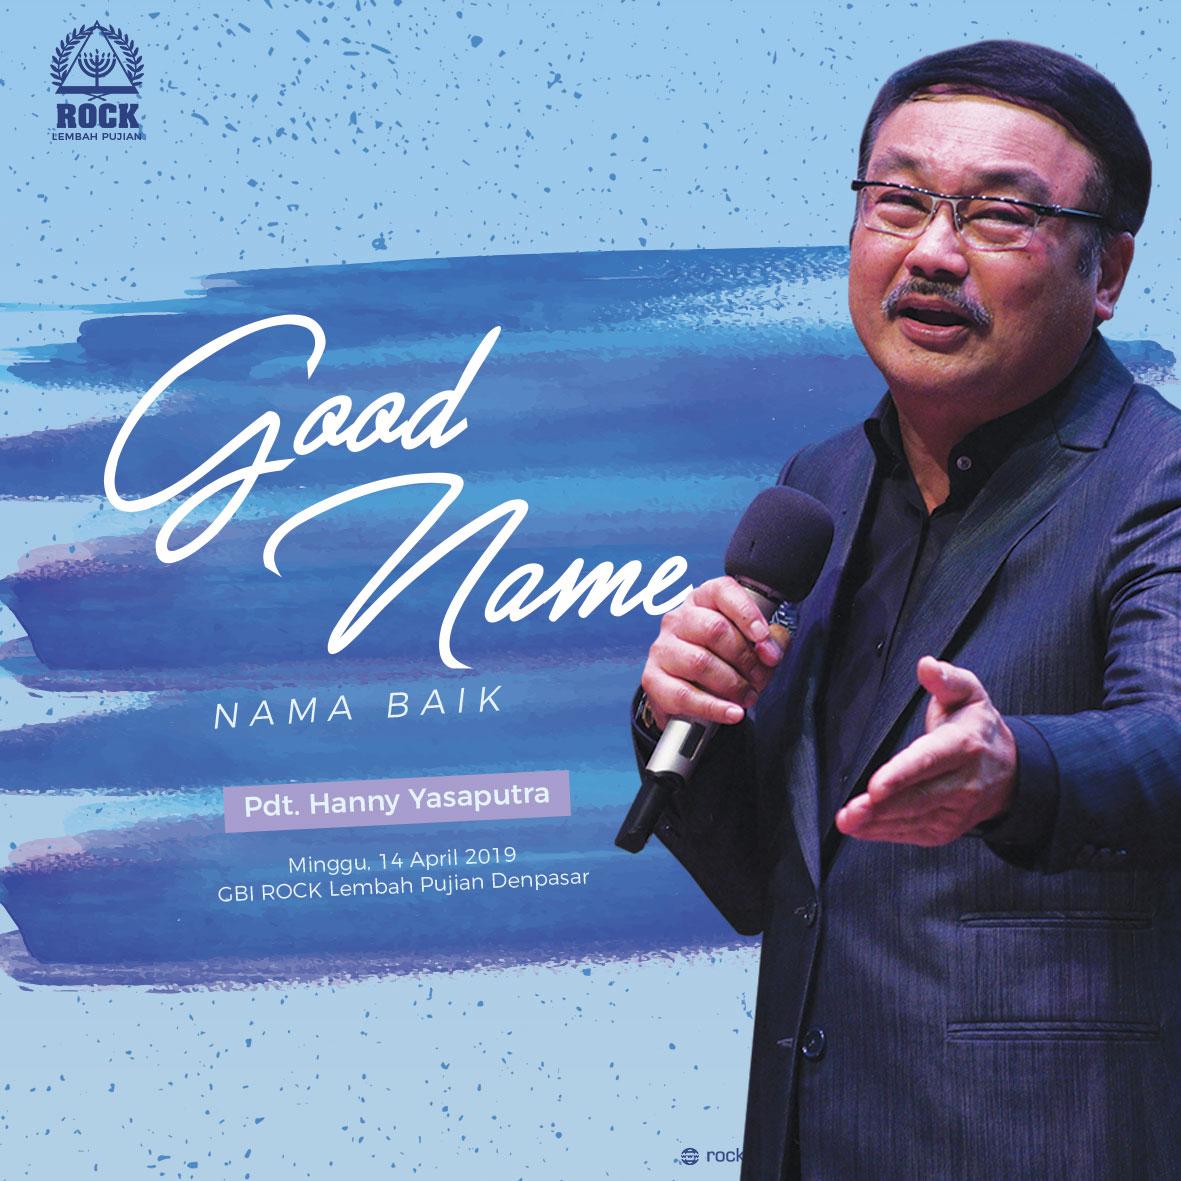 Good Name (Nama Baik)   Pdt. Hanny Yasaputra